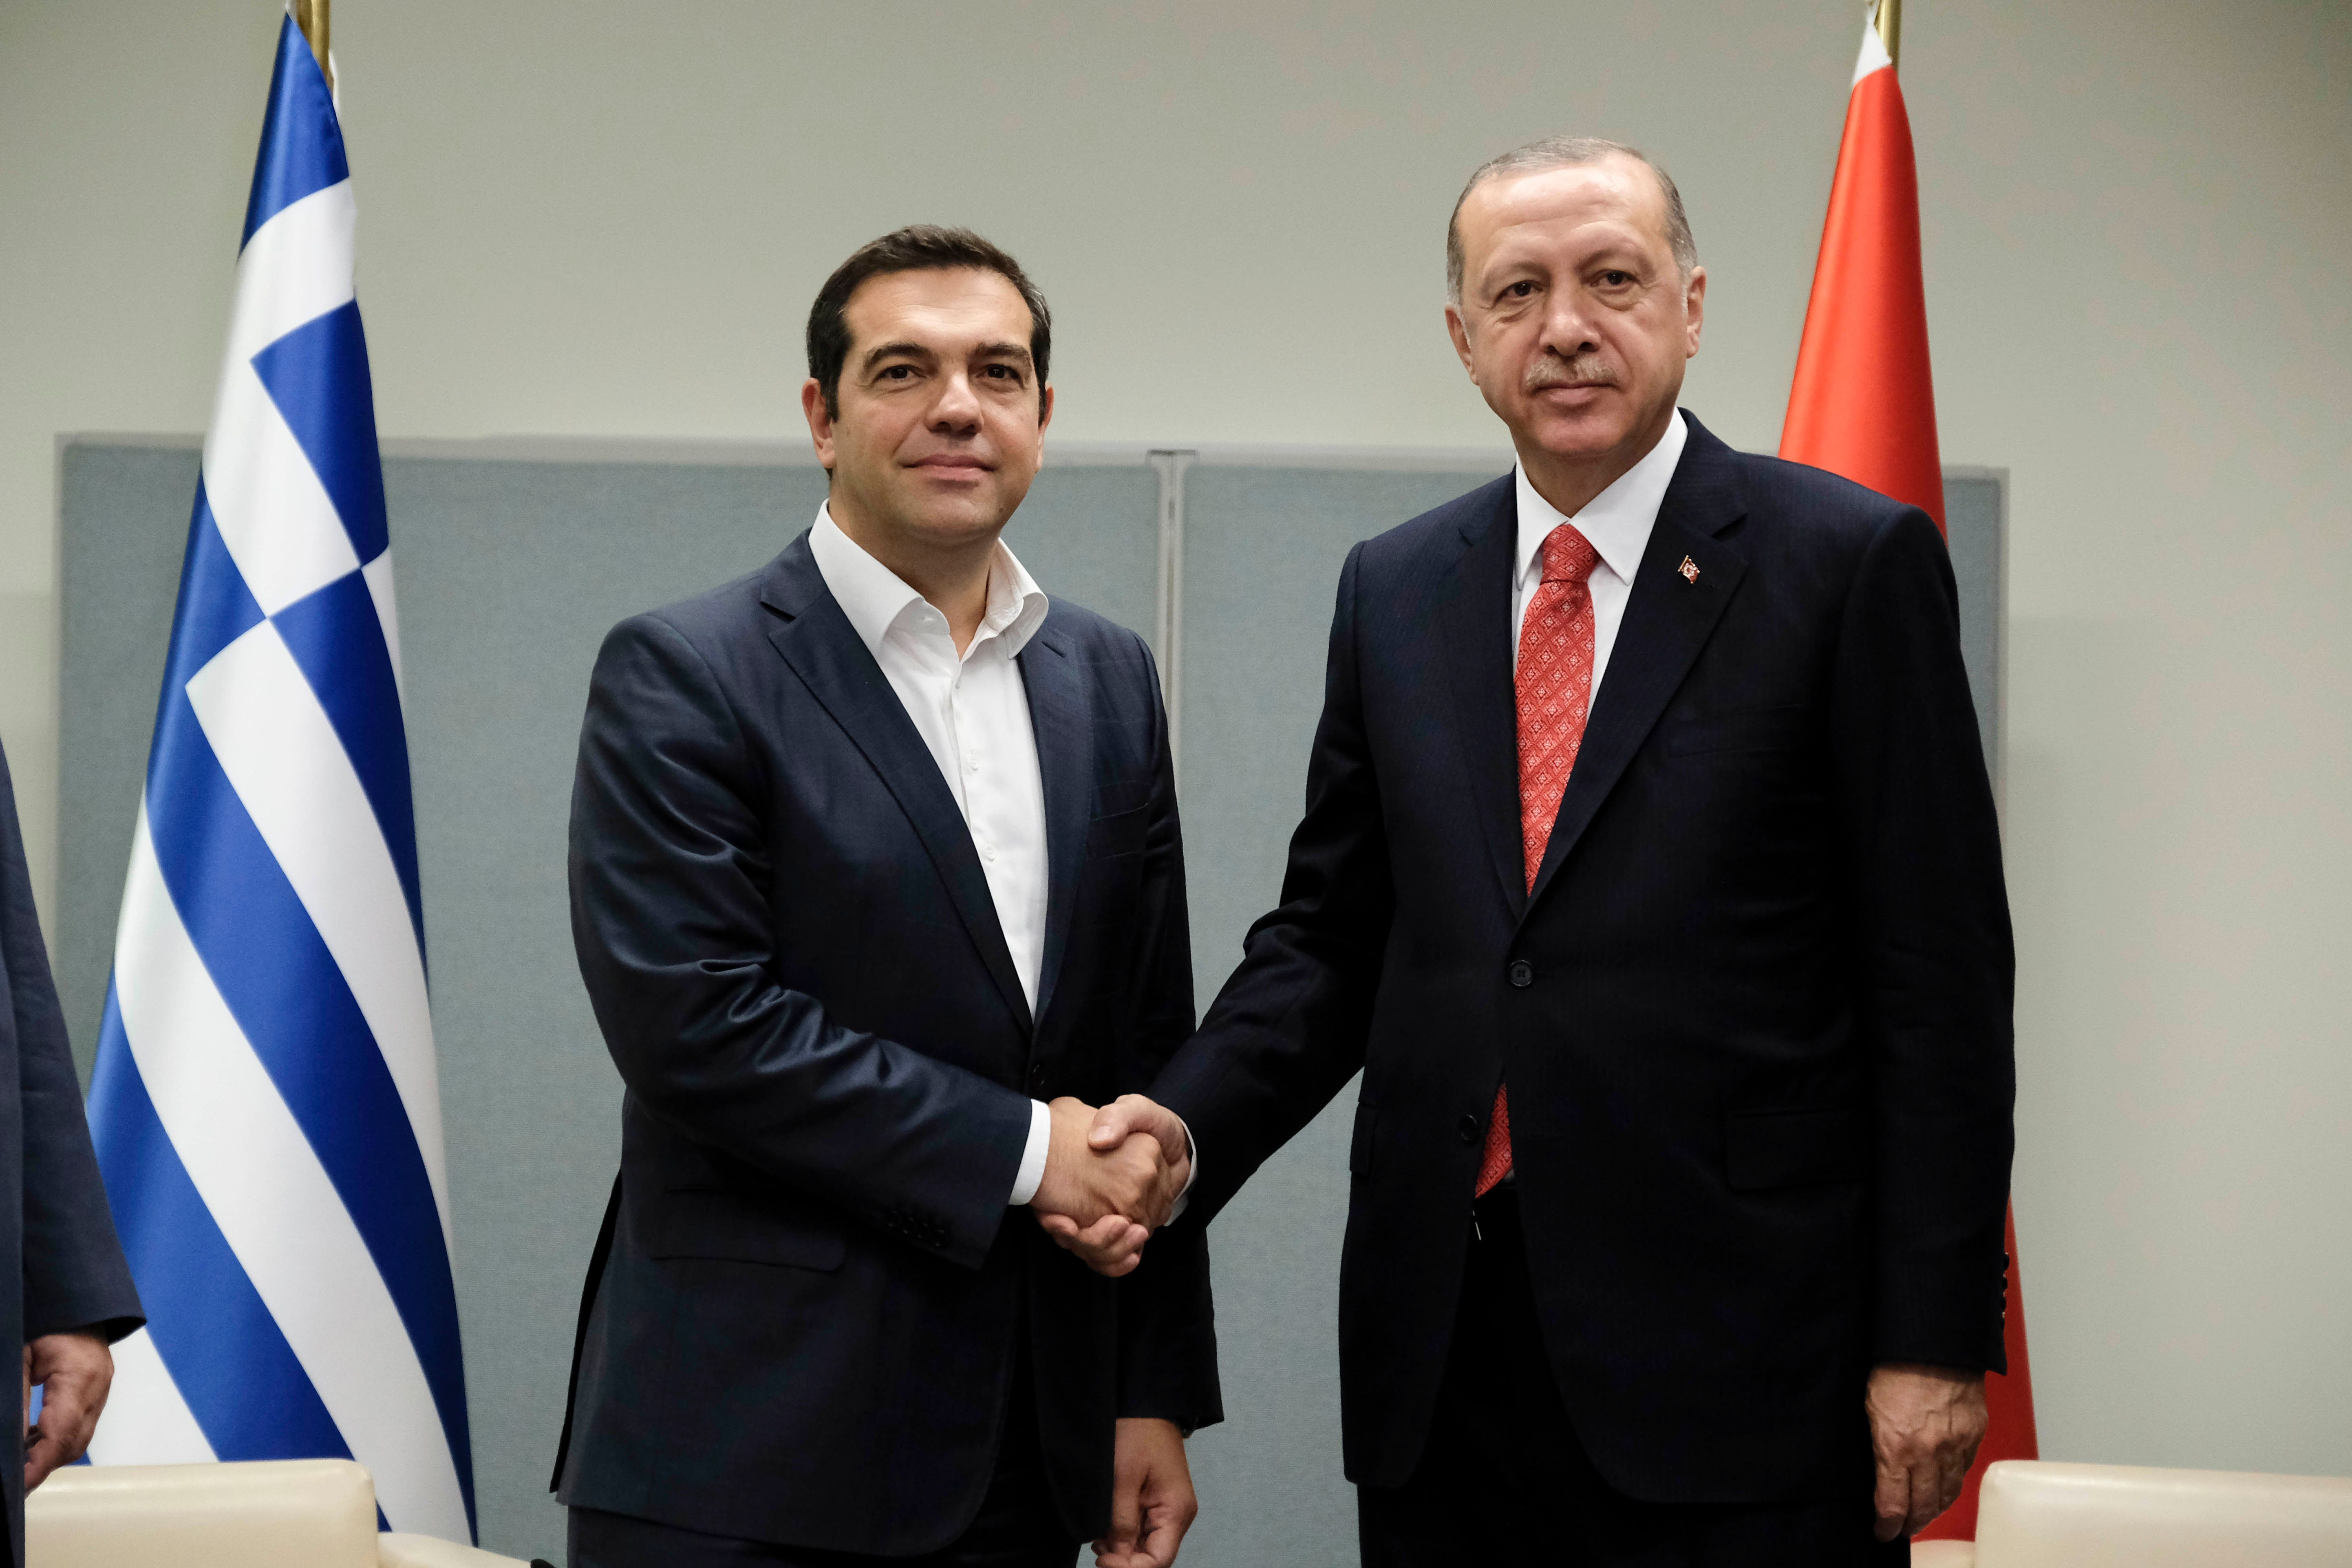 Επίσημη πρόσκληση Ερντογάν στον Τσίπρα για επίσκεψη στην Κωνσταντινούπολη. Τι